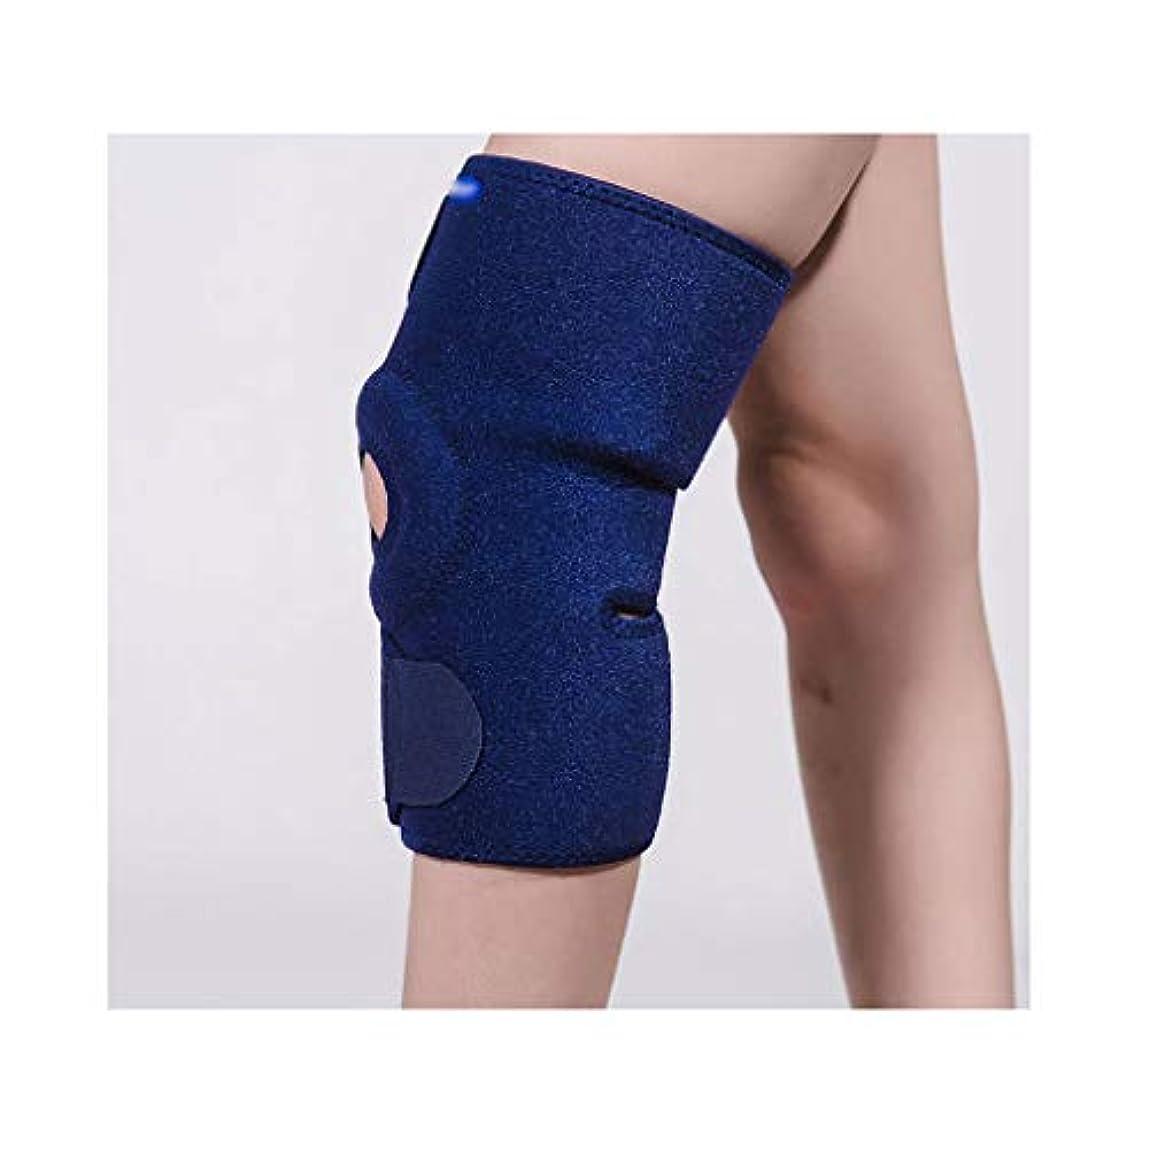 FH ニーパッド、男性と女性のリハビリテーションエアコンルームの暖かい膝パッドの関節炎/抗リウマチ性半月板損傷の防止